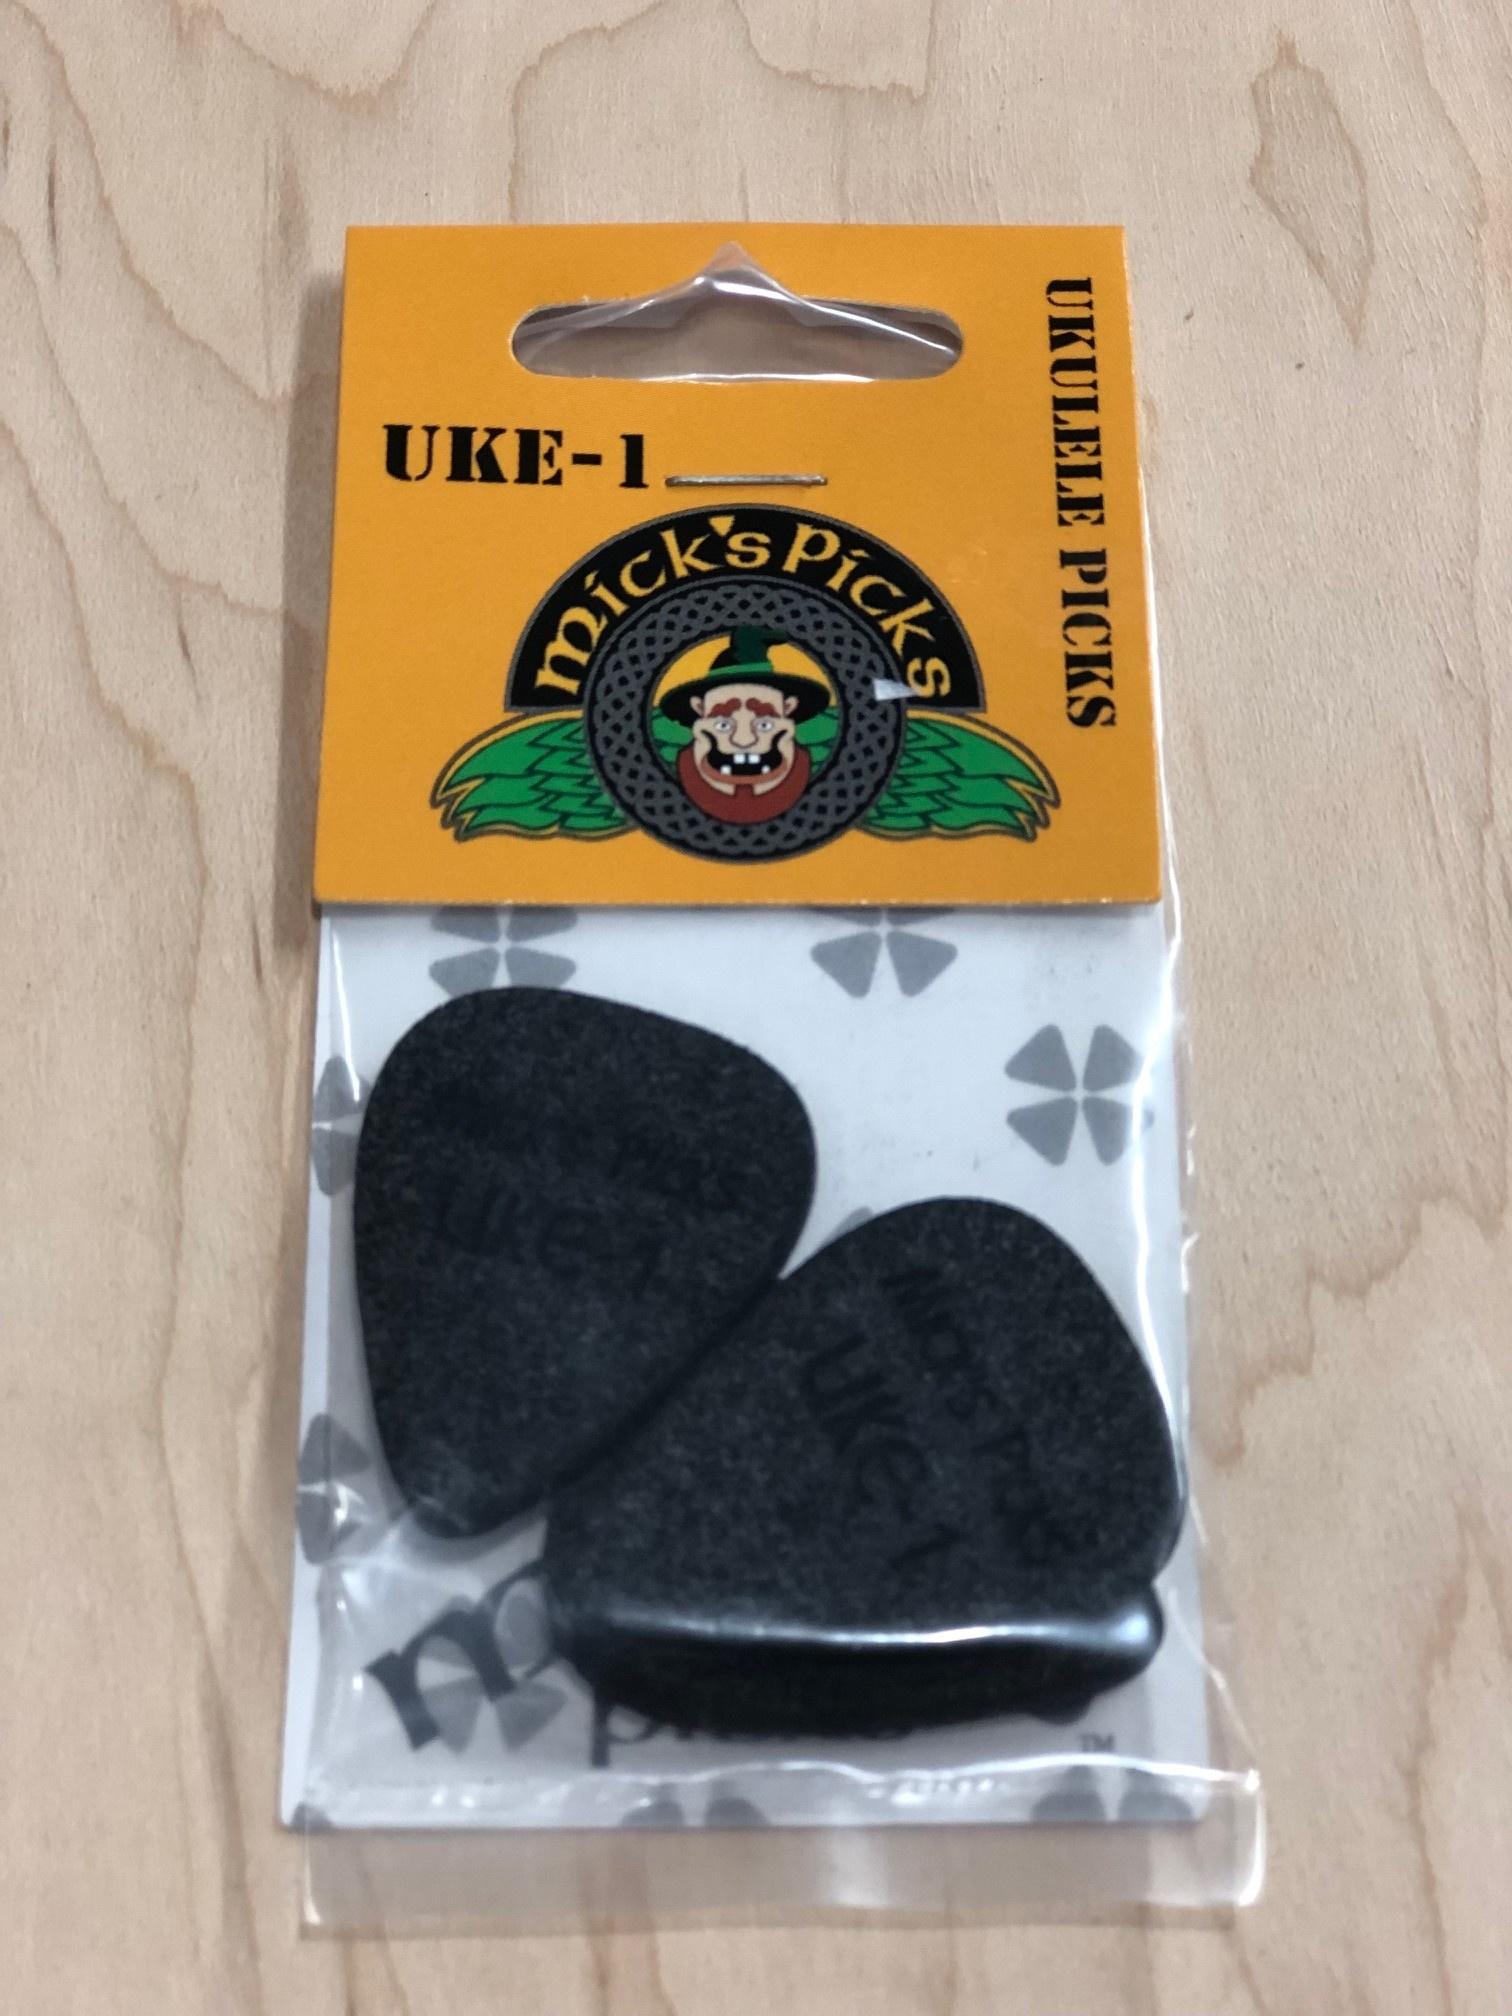 Uke-1 2.55mm (Black) 3 pack-2